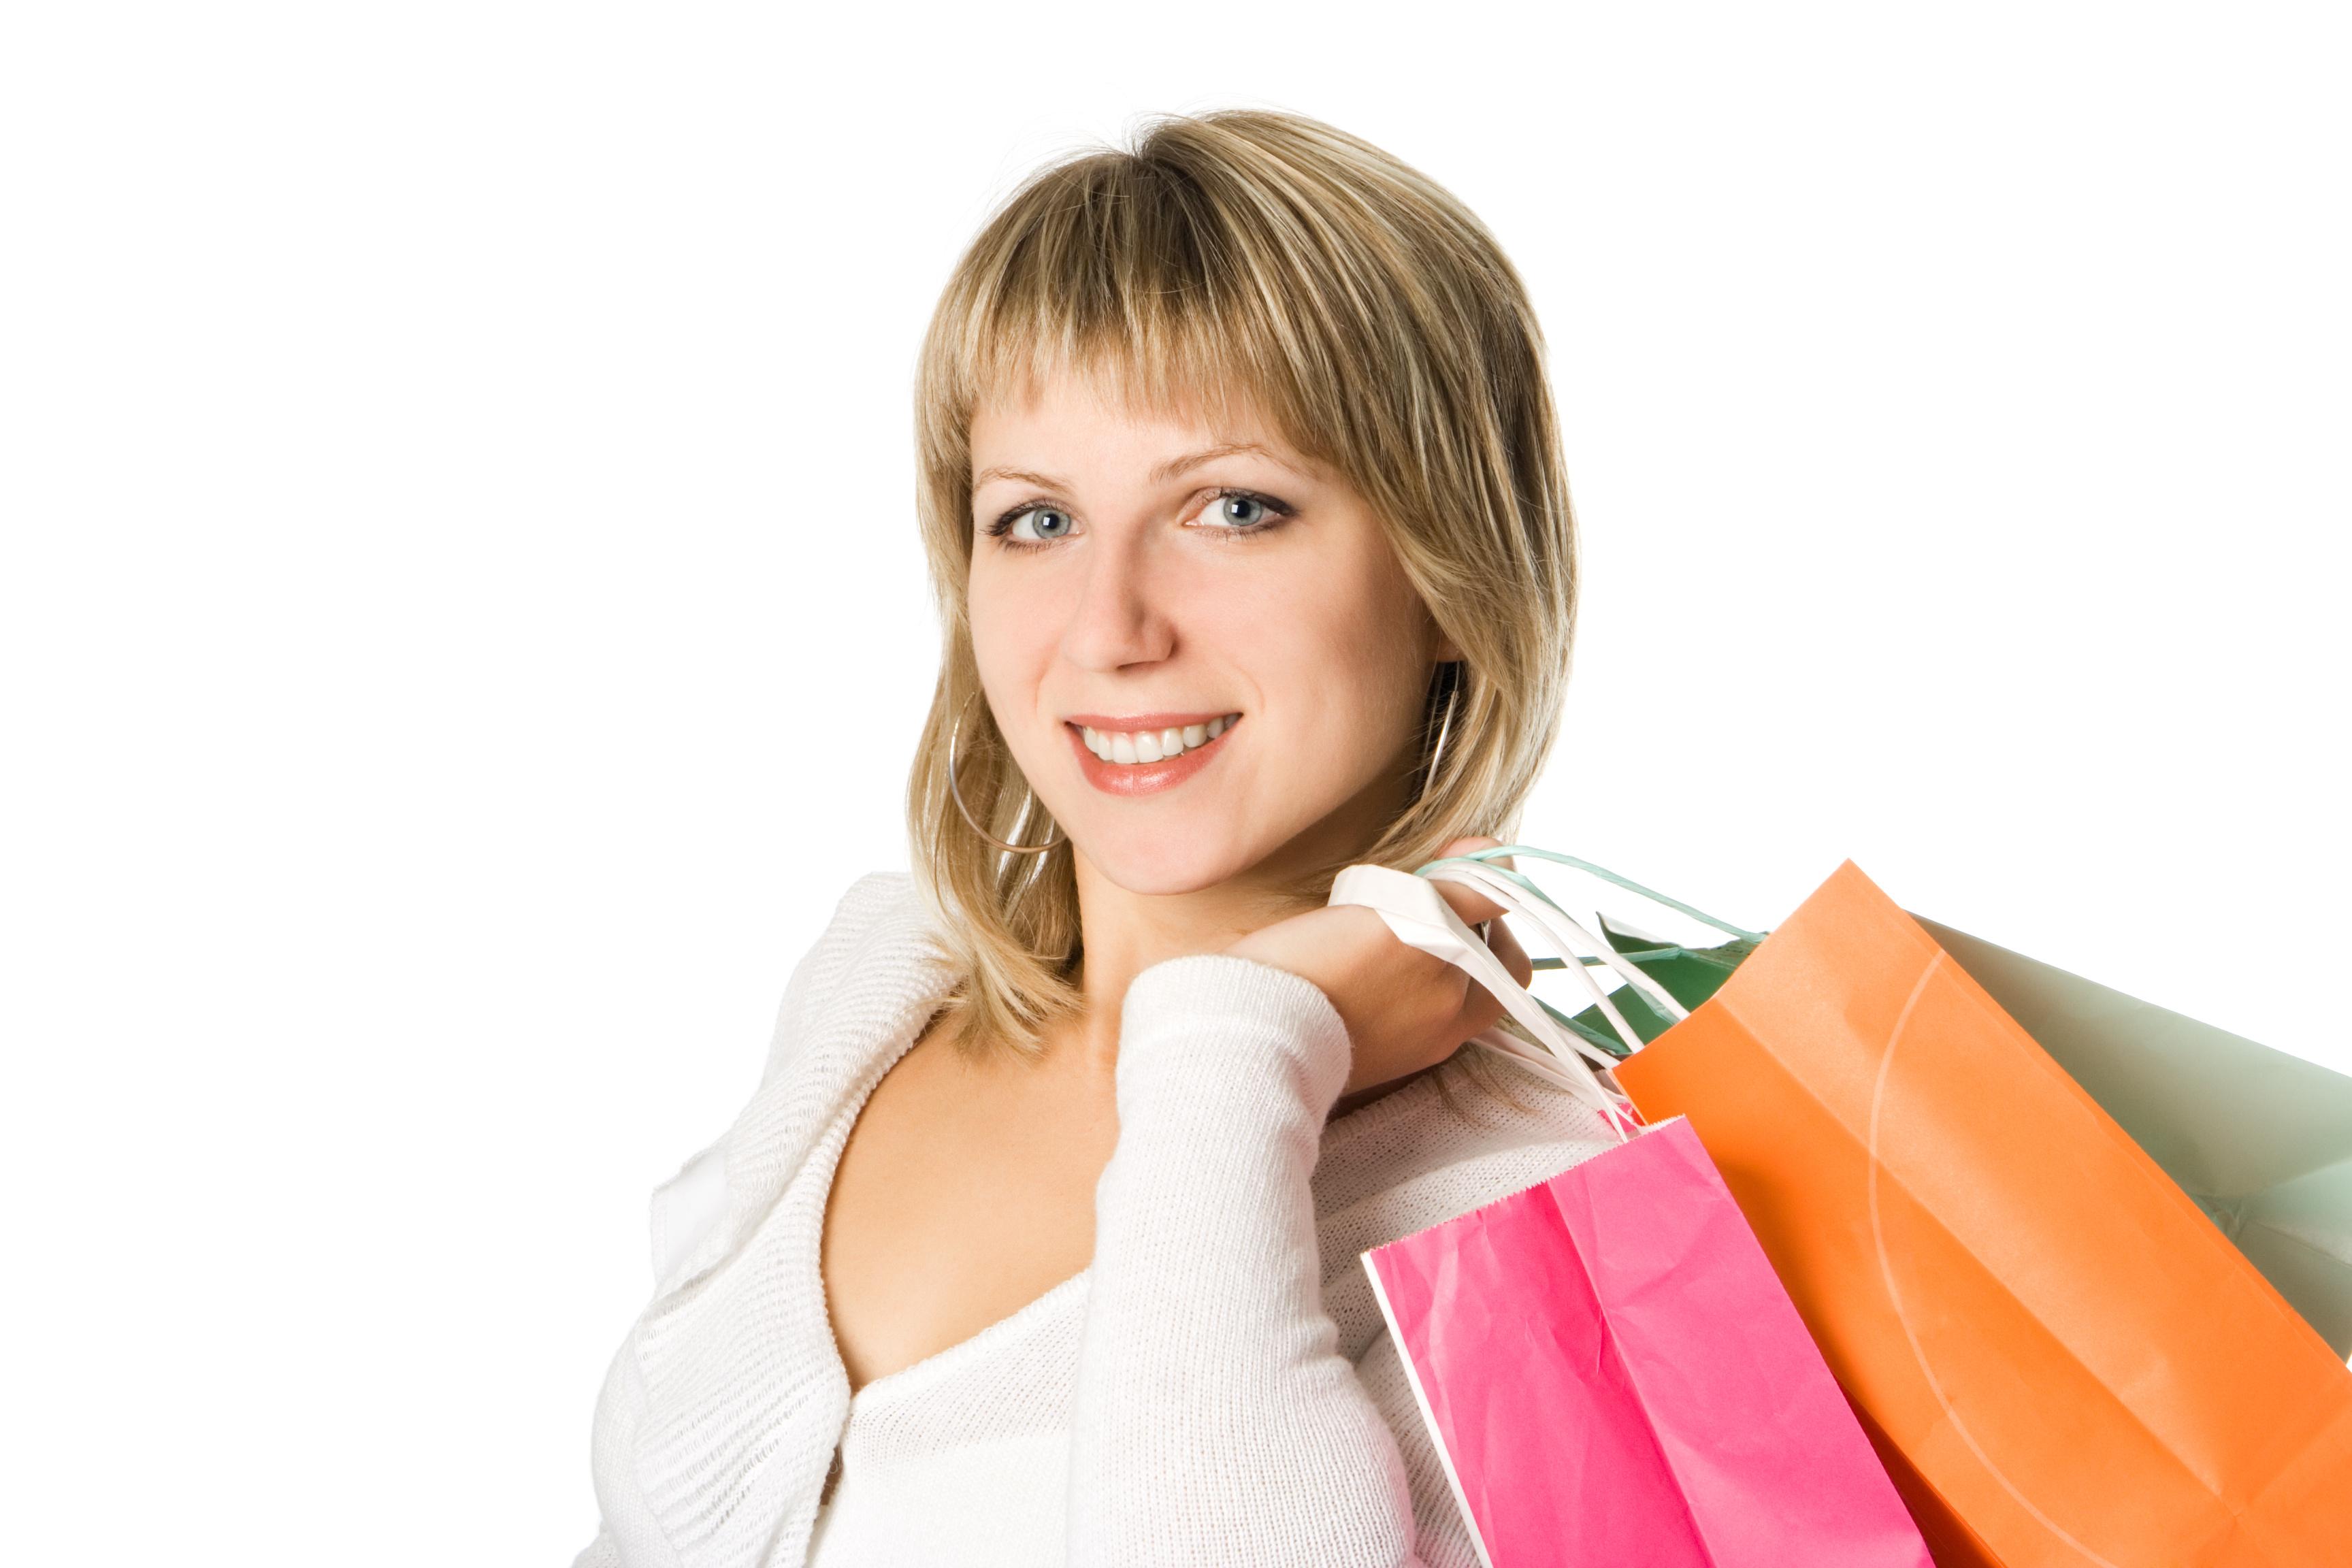 Mystery shopping или тайный покупатель